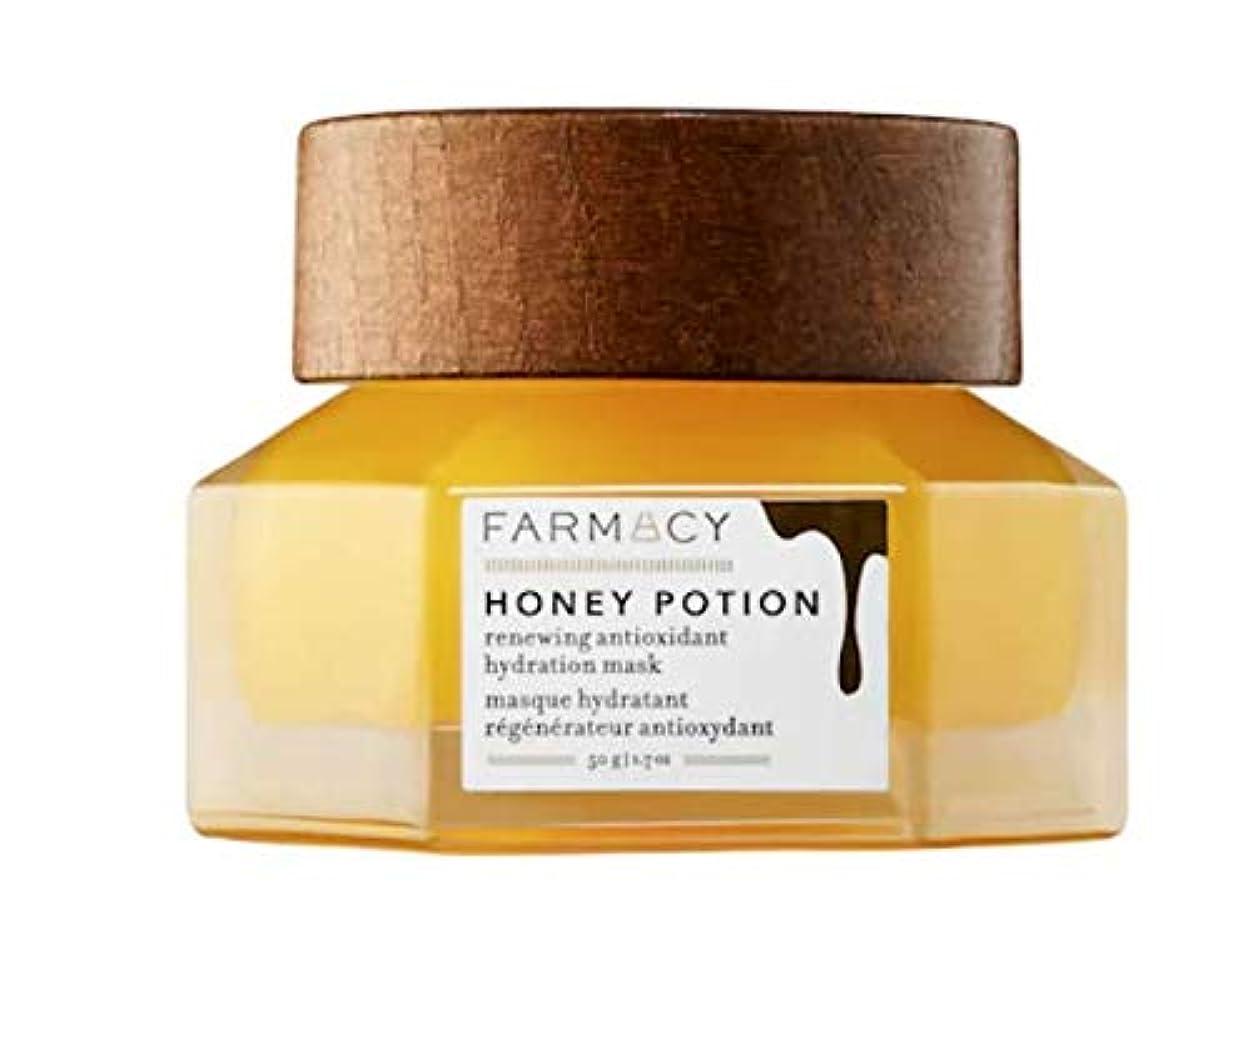 怠なカテゴリー追い出すファーマシー FARMACY ハニーポーション リニューイング アンチオキシデント ハイドレーションマスク 50g?Honey Potion Renewing Antioxidant Hydration Mask